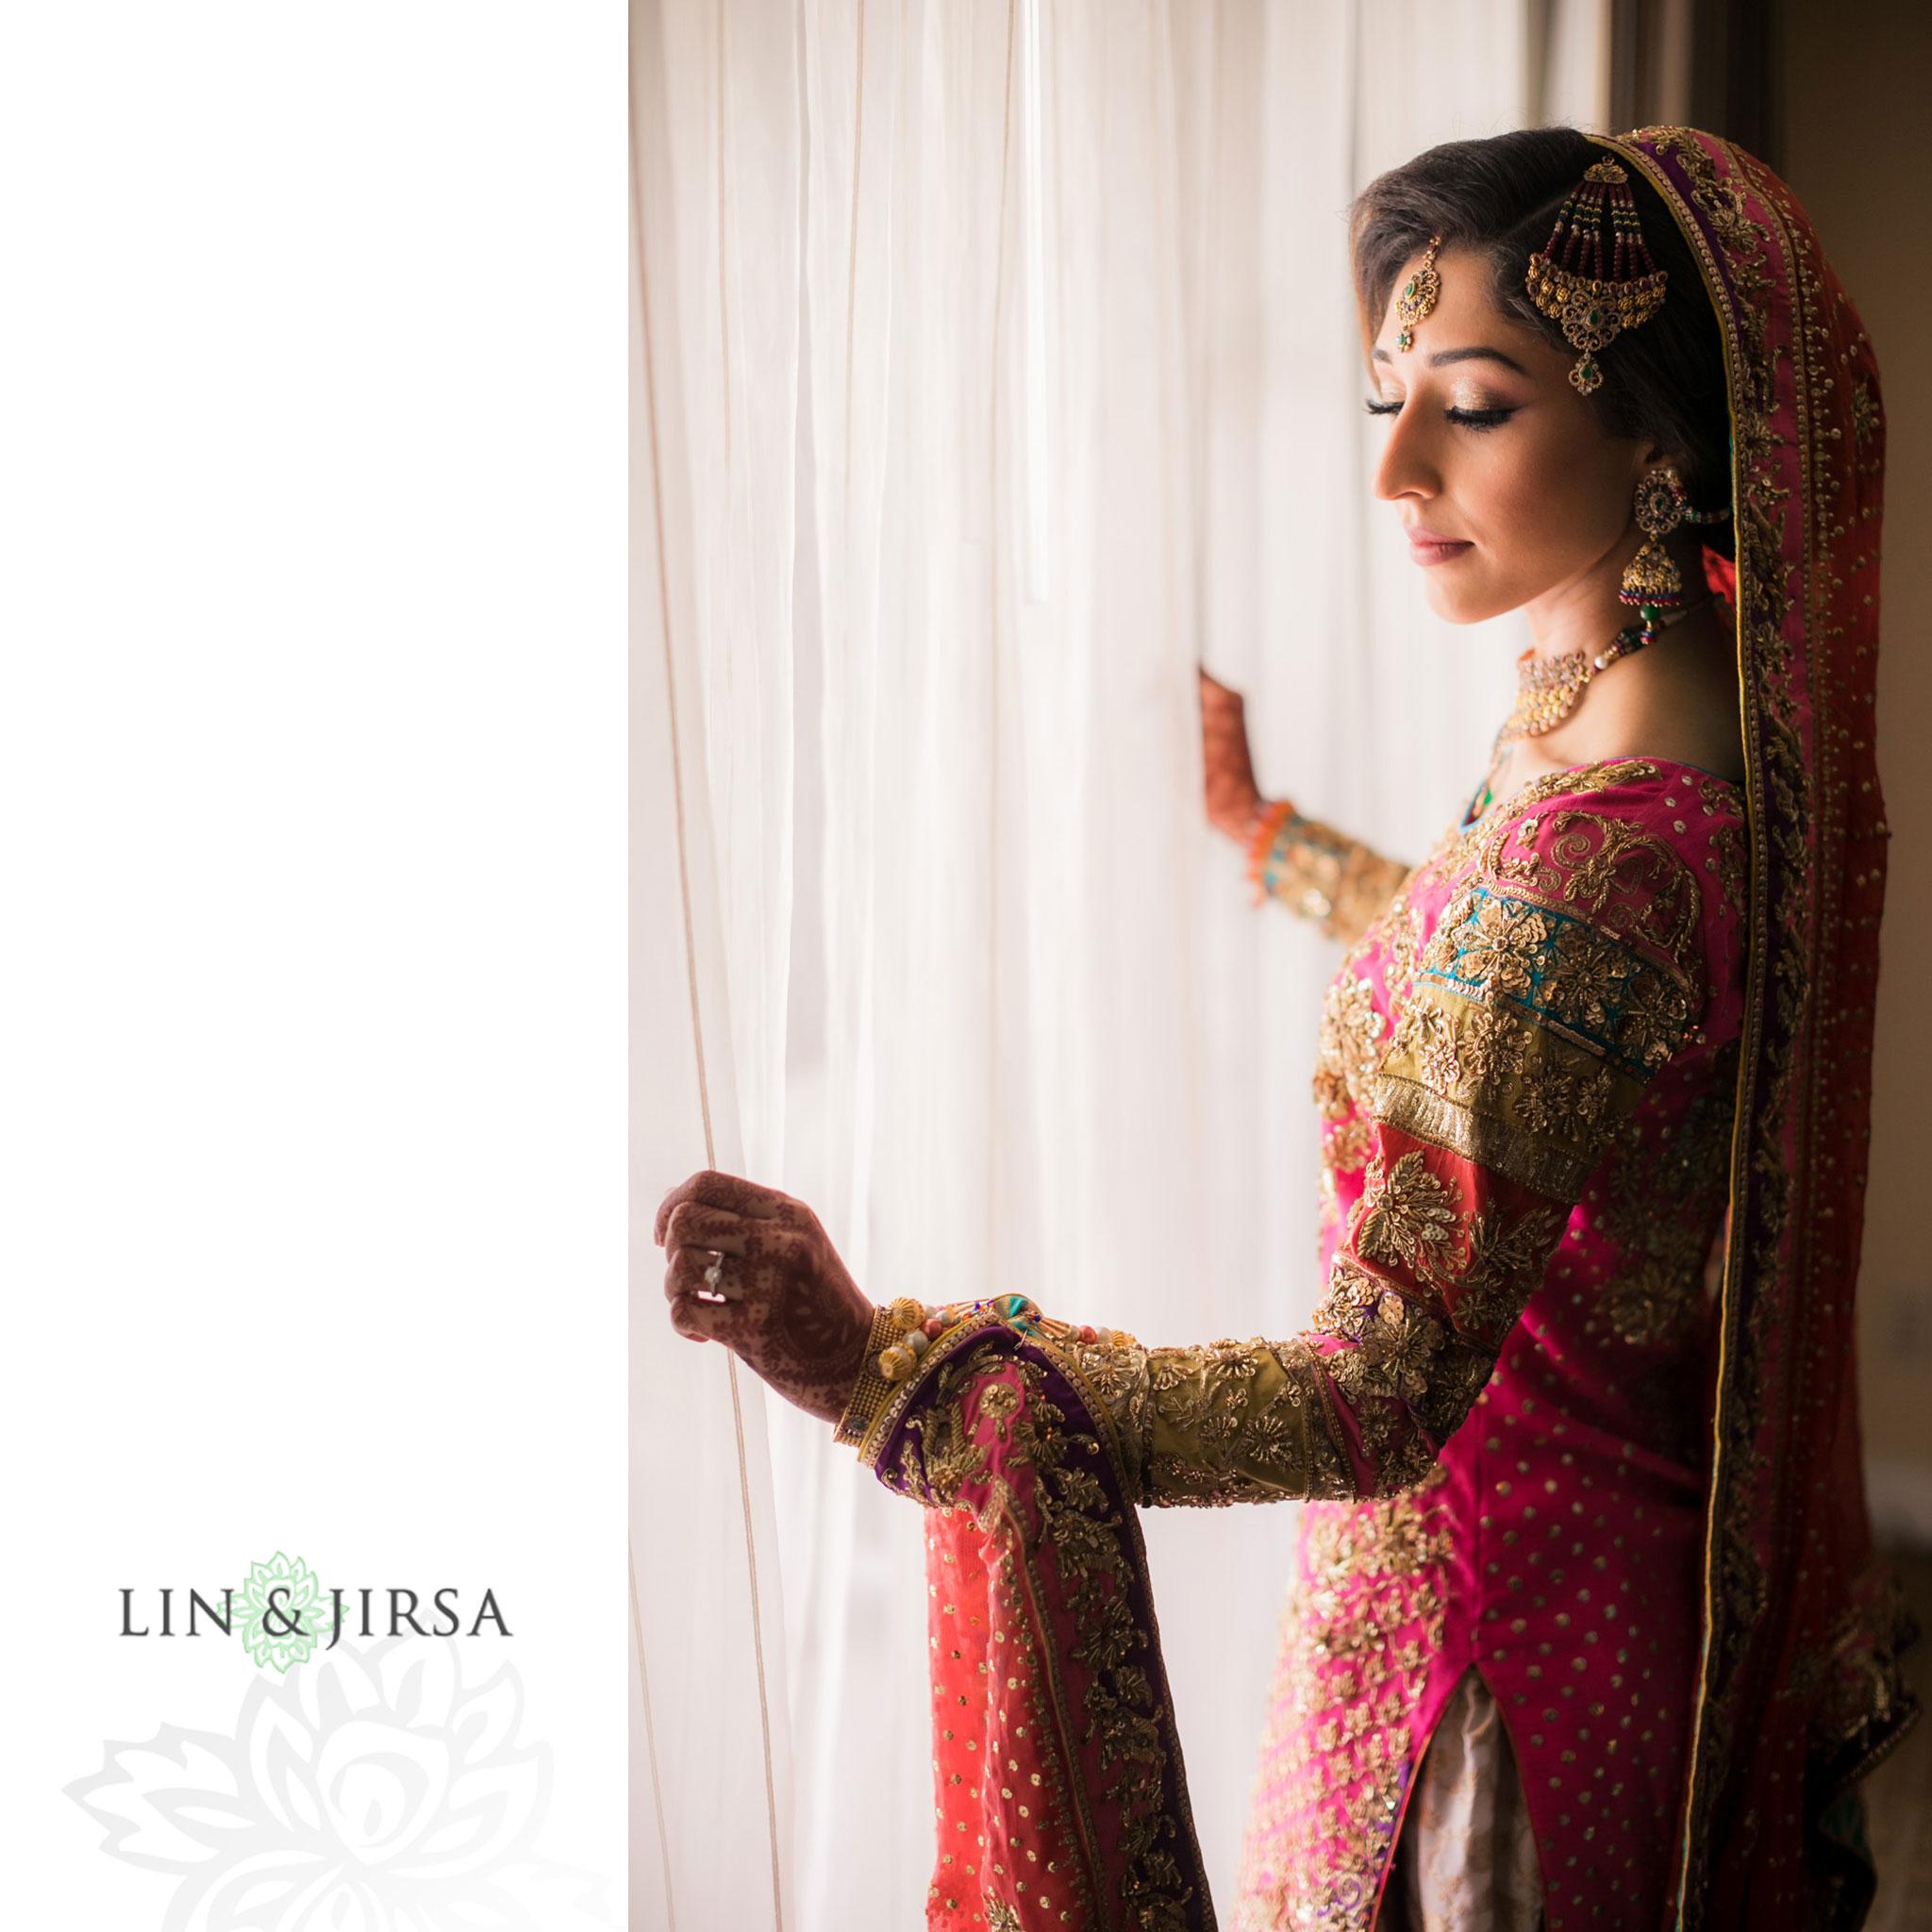 06 laguna cliffs marriott muslim bride wedding photography